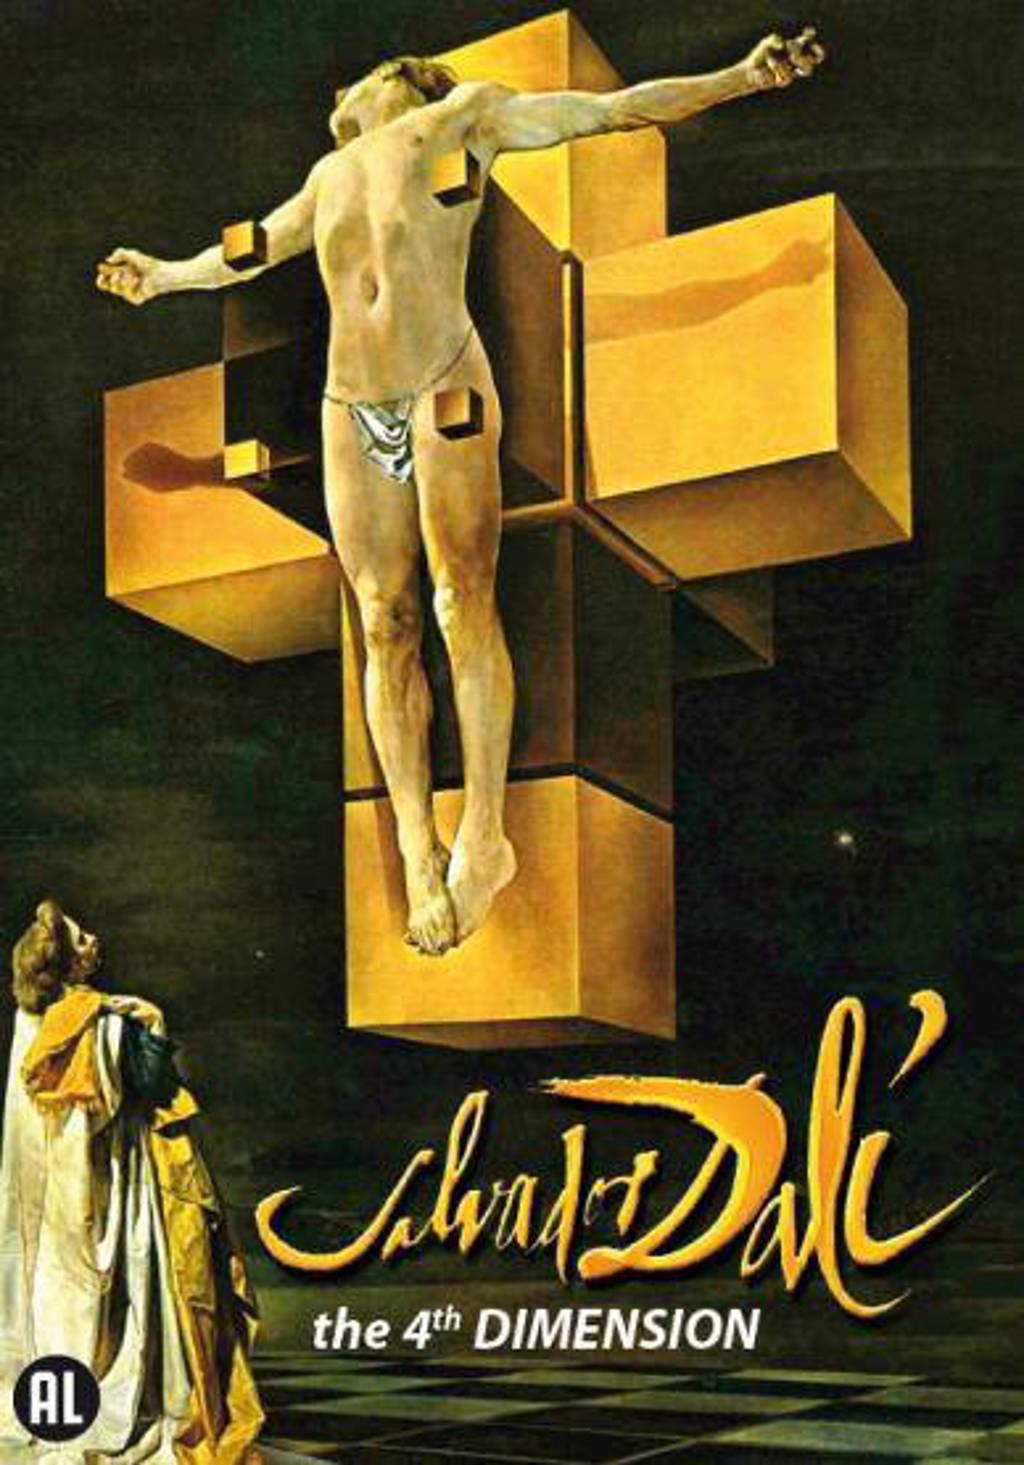 Salvador Dali - the 4th dimension (DVD)